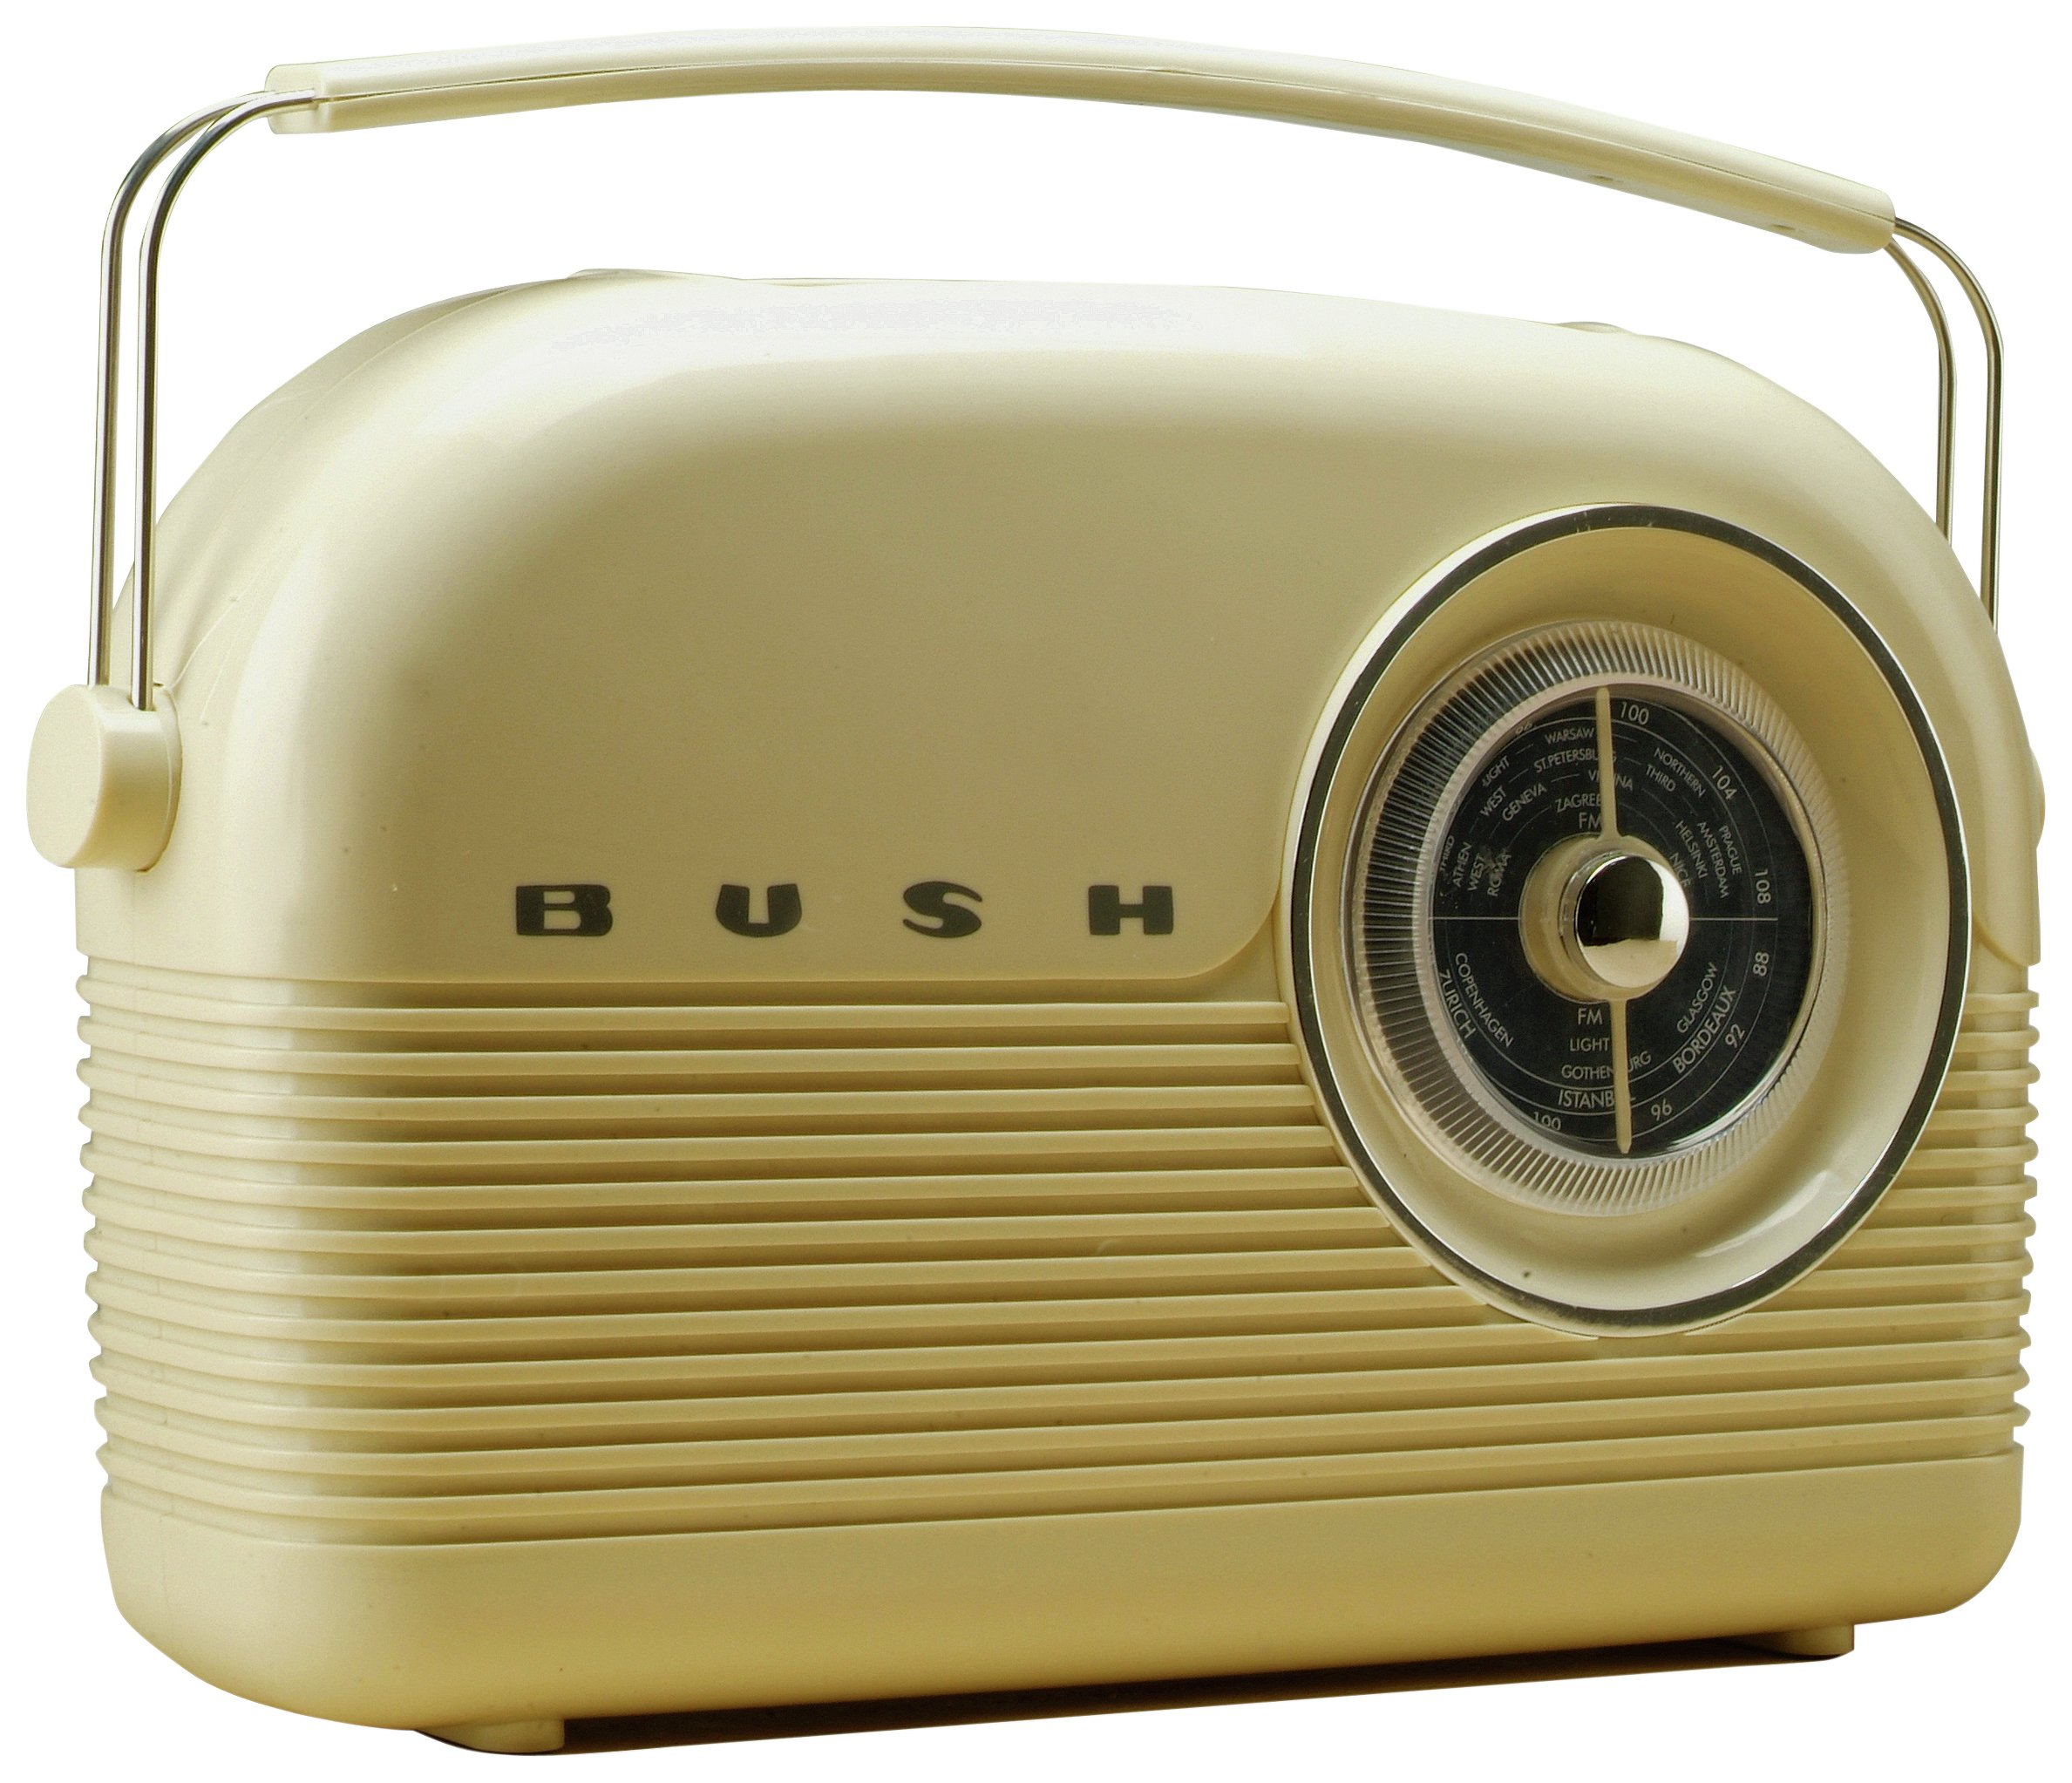 bush-classic-retro-dab-radio-classic-cream